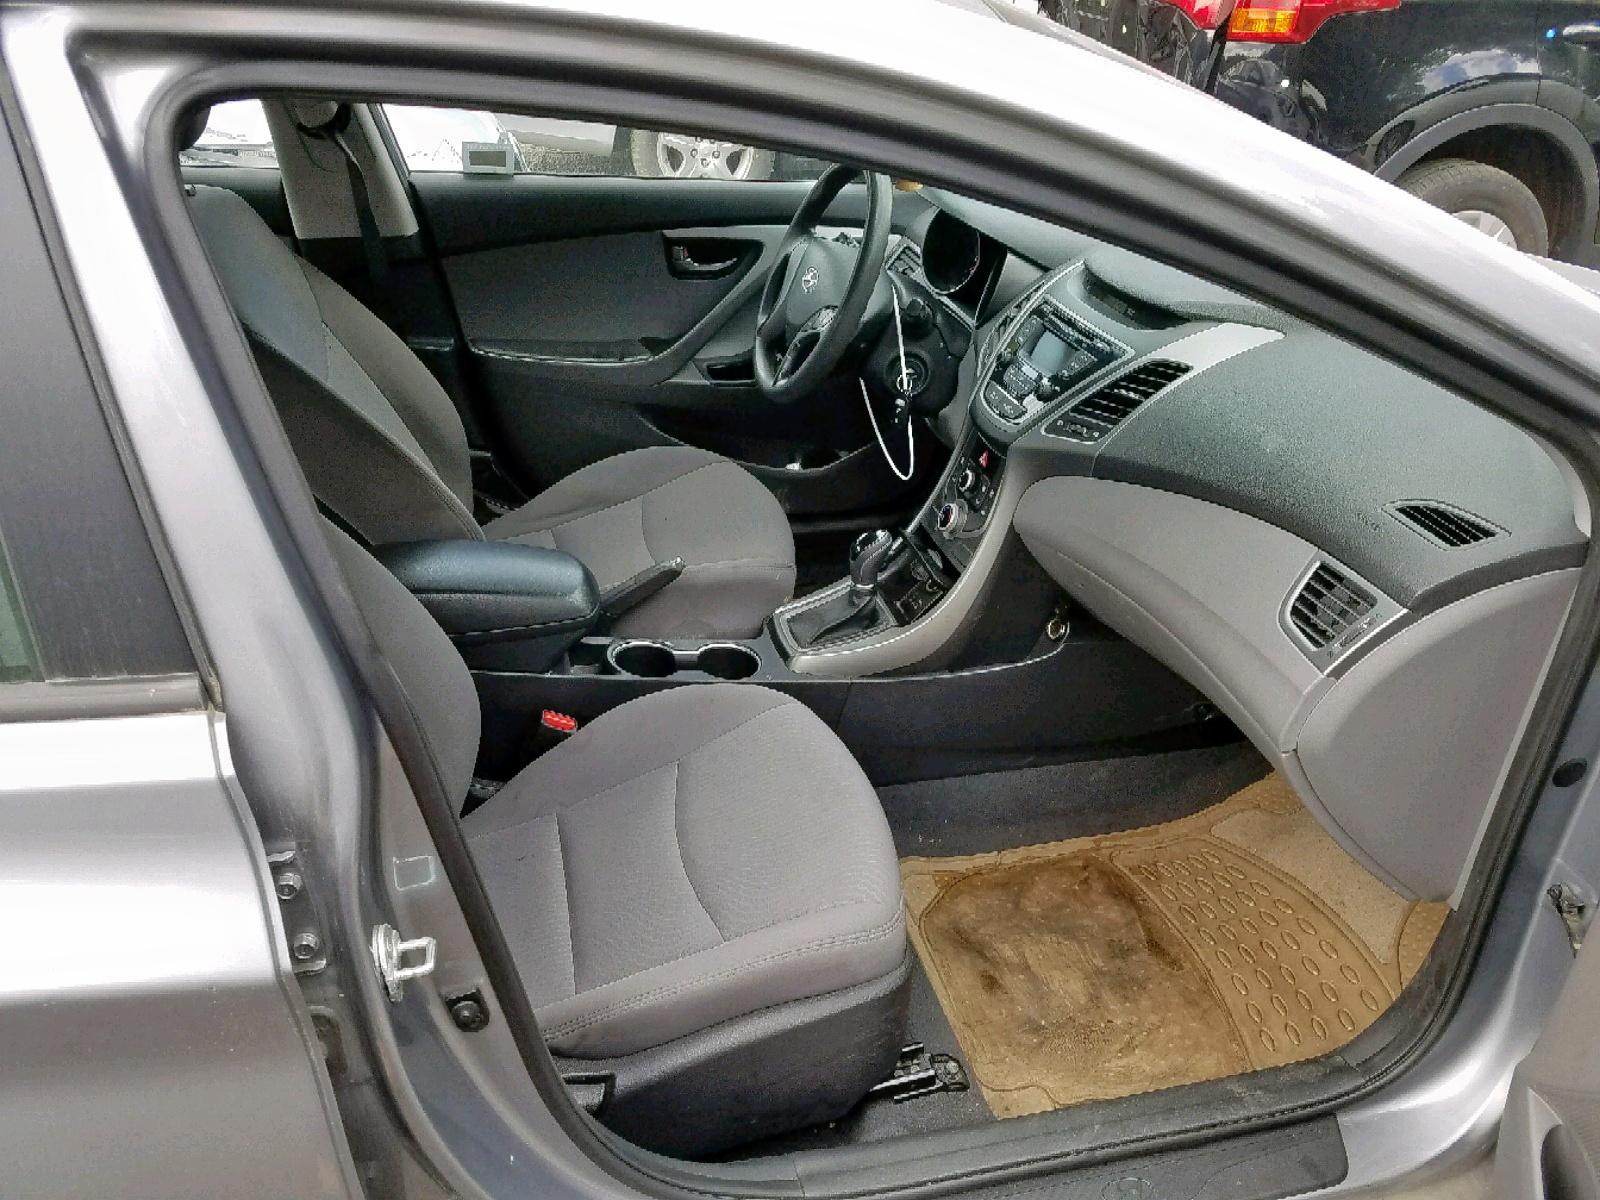 5NPDH4AEXGH714940 - 2016 Hyundai Elantra Se 1.8L close up View